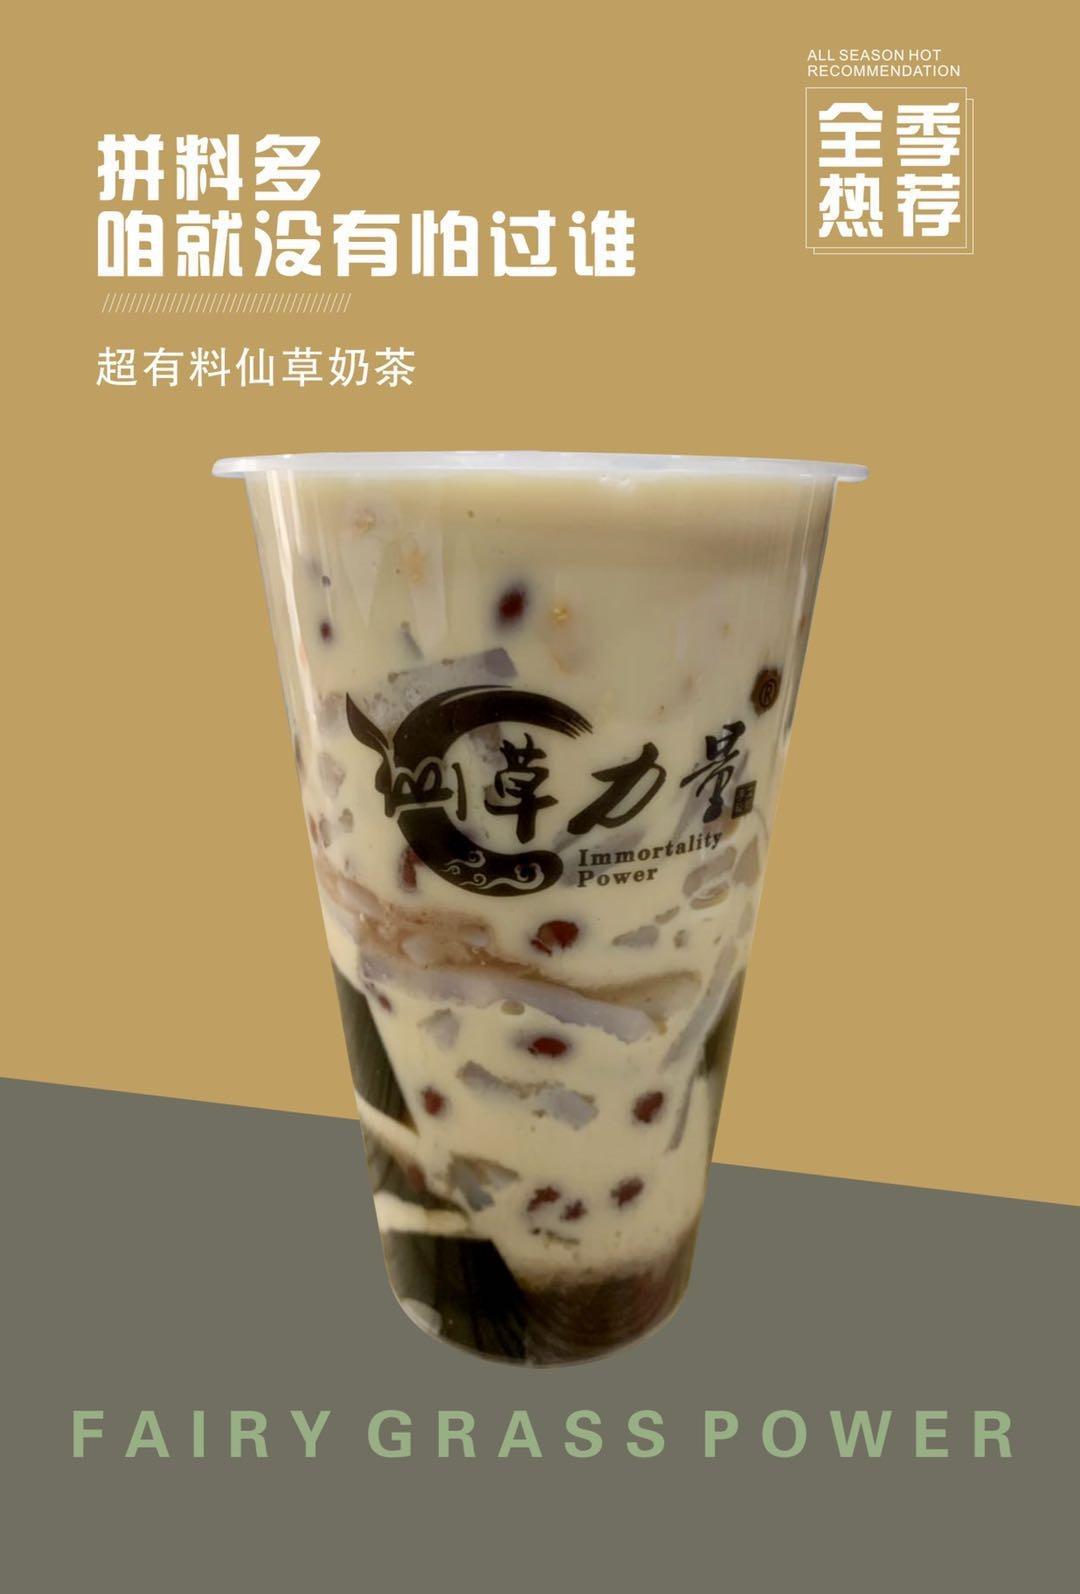 超有料仙草奶茶